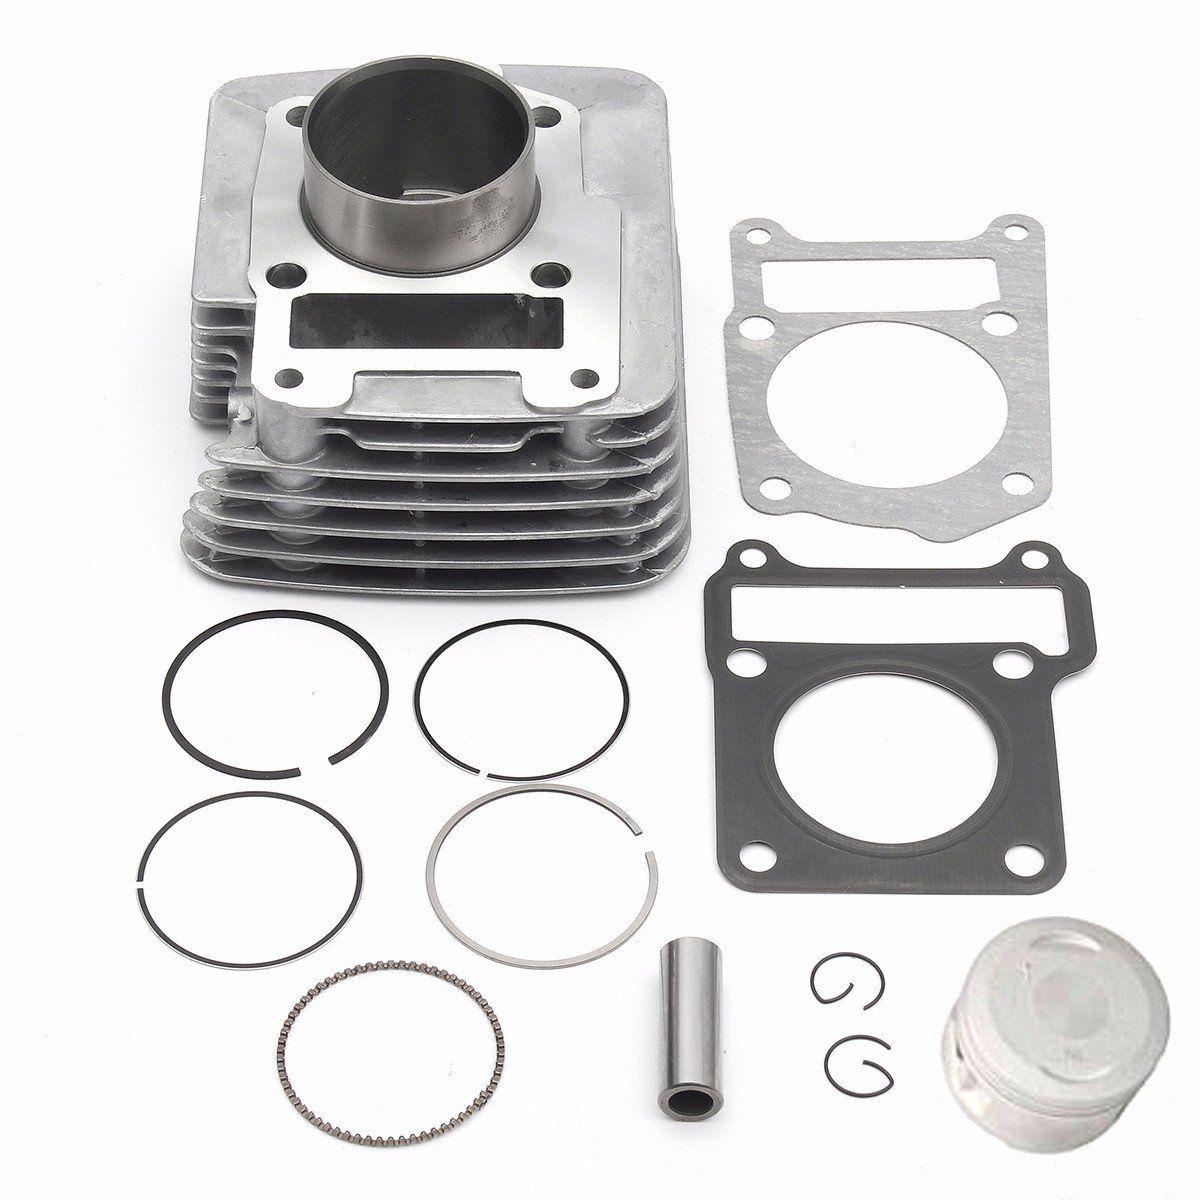 Cylinder Piston Rings Top End Set Gasket Kit for Yamaha TTR125 TTR125E  2000-2004